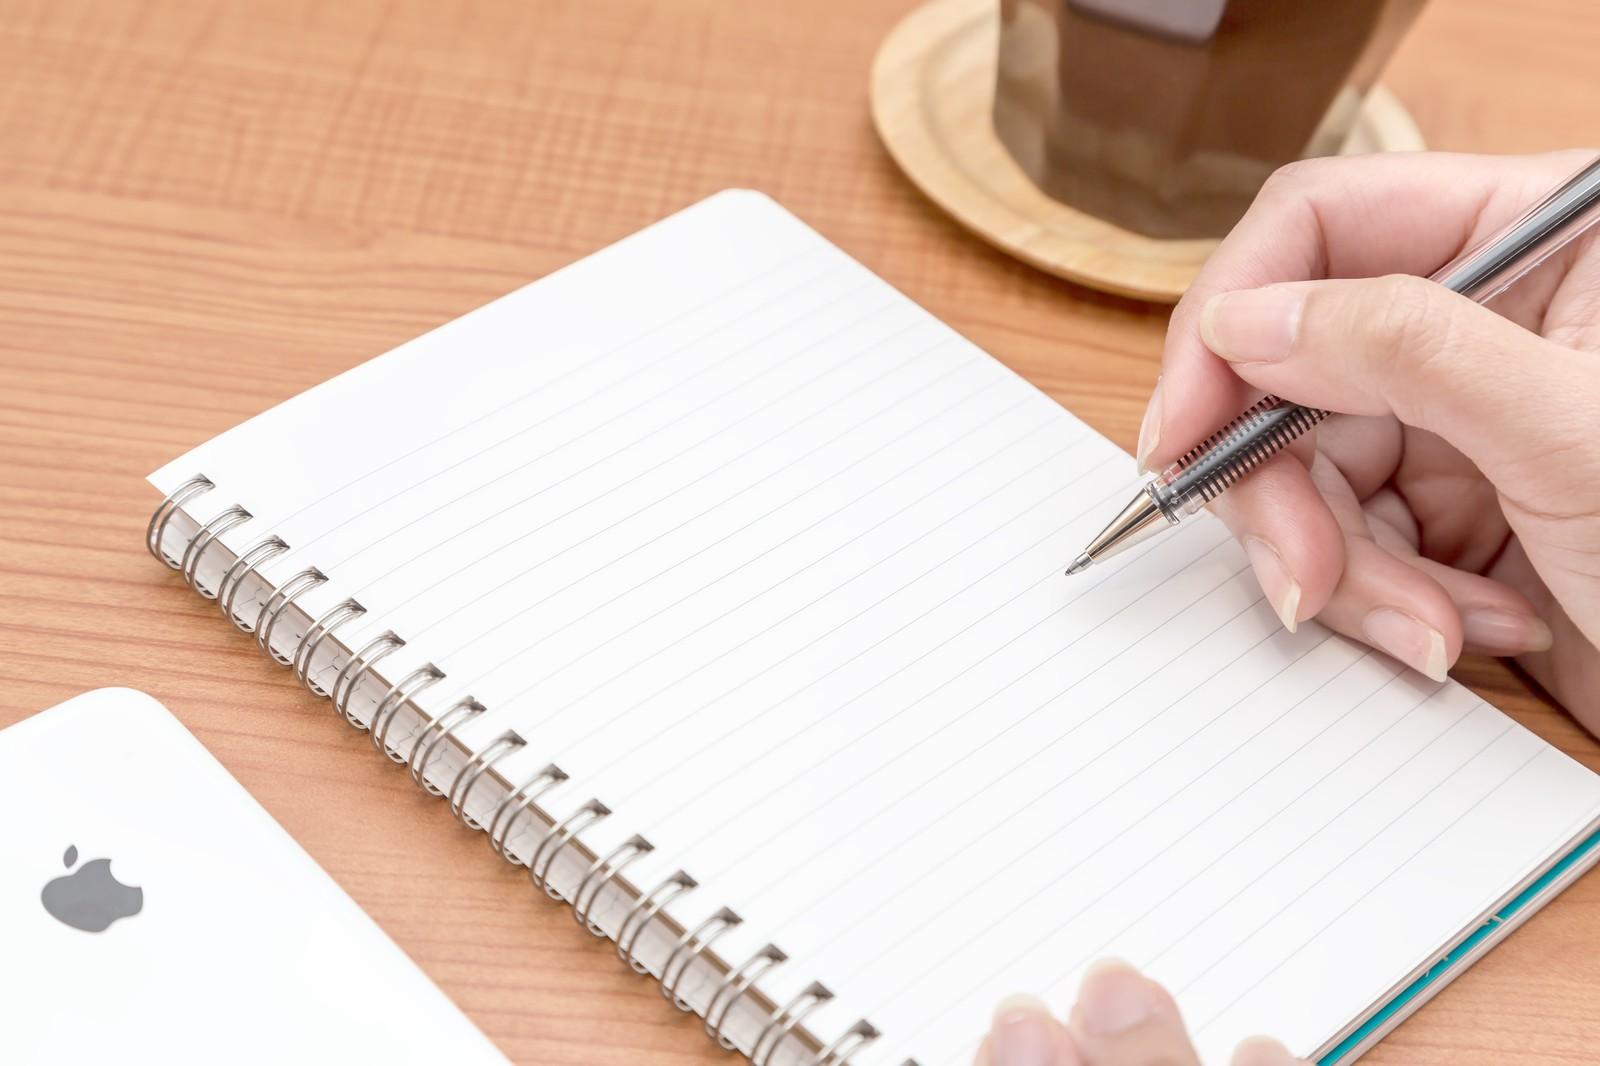 ブログを毎日書くことって本当に凄いこと?